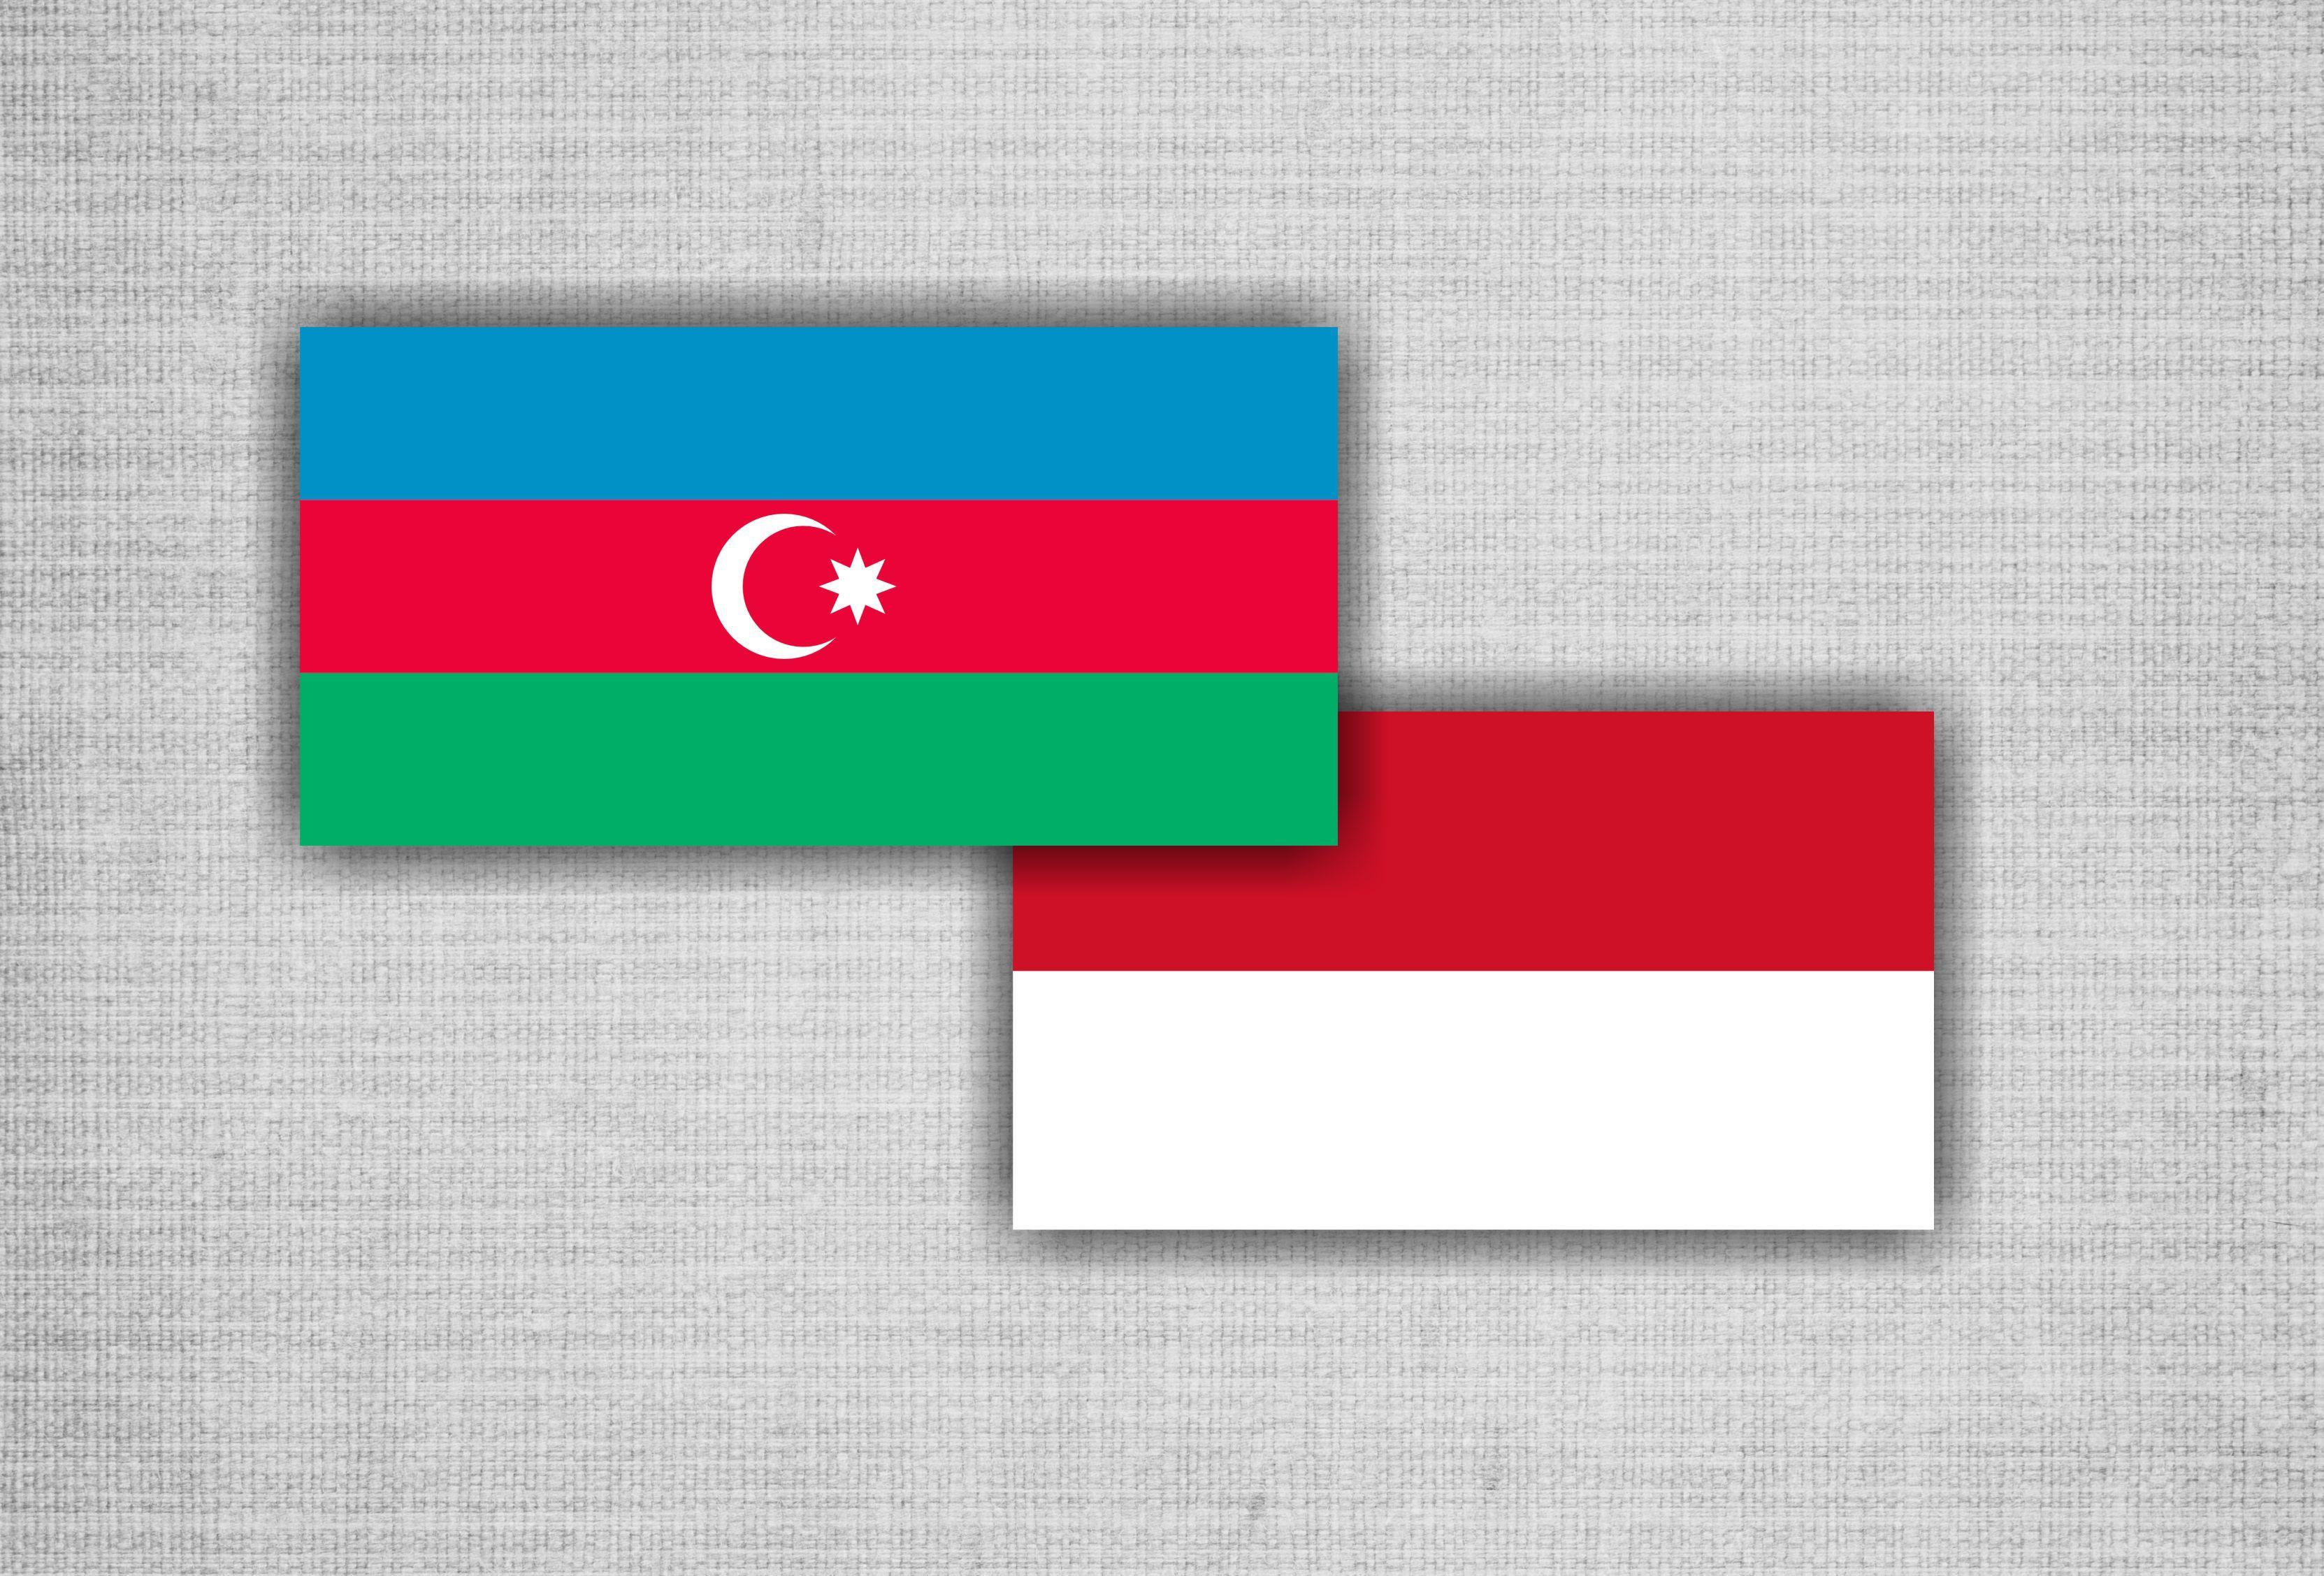 Азербайджан и Индонезия обсудили перспективы сотрудничества в области труда и соцзащиты